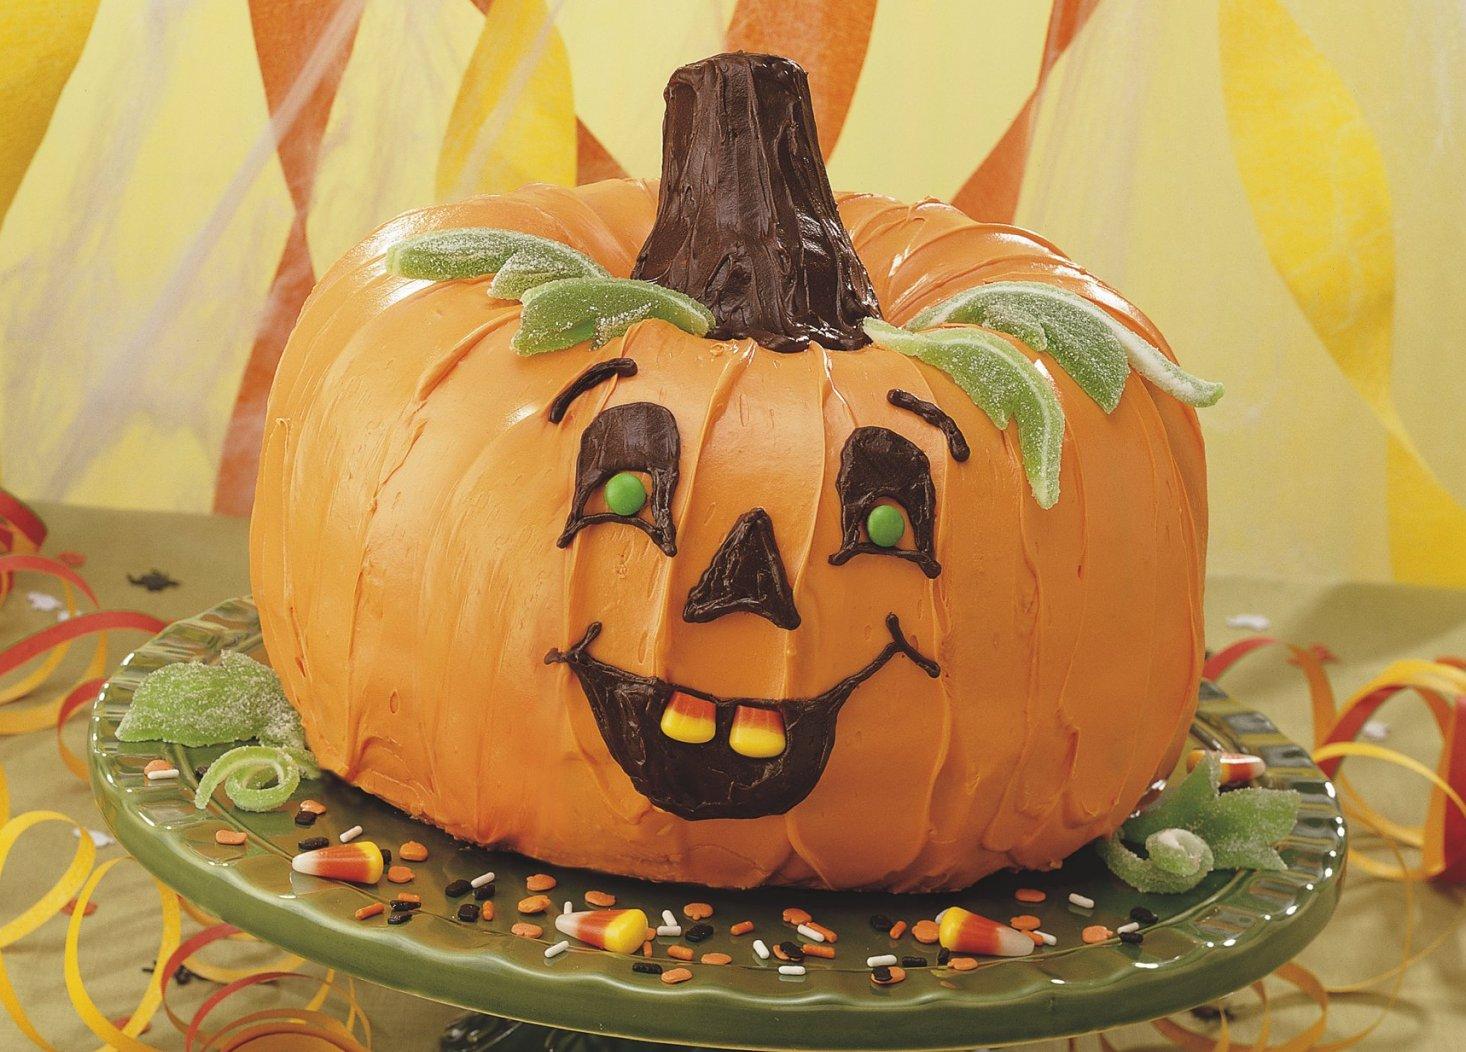 tort de halloween | morom3t3